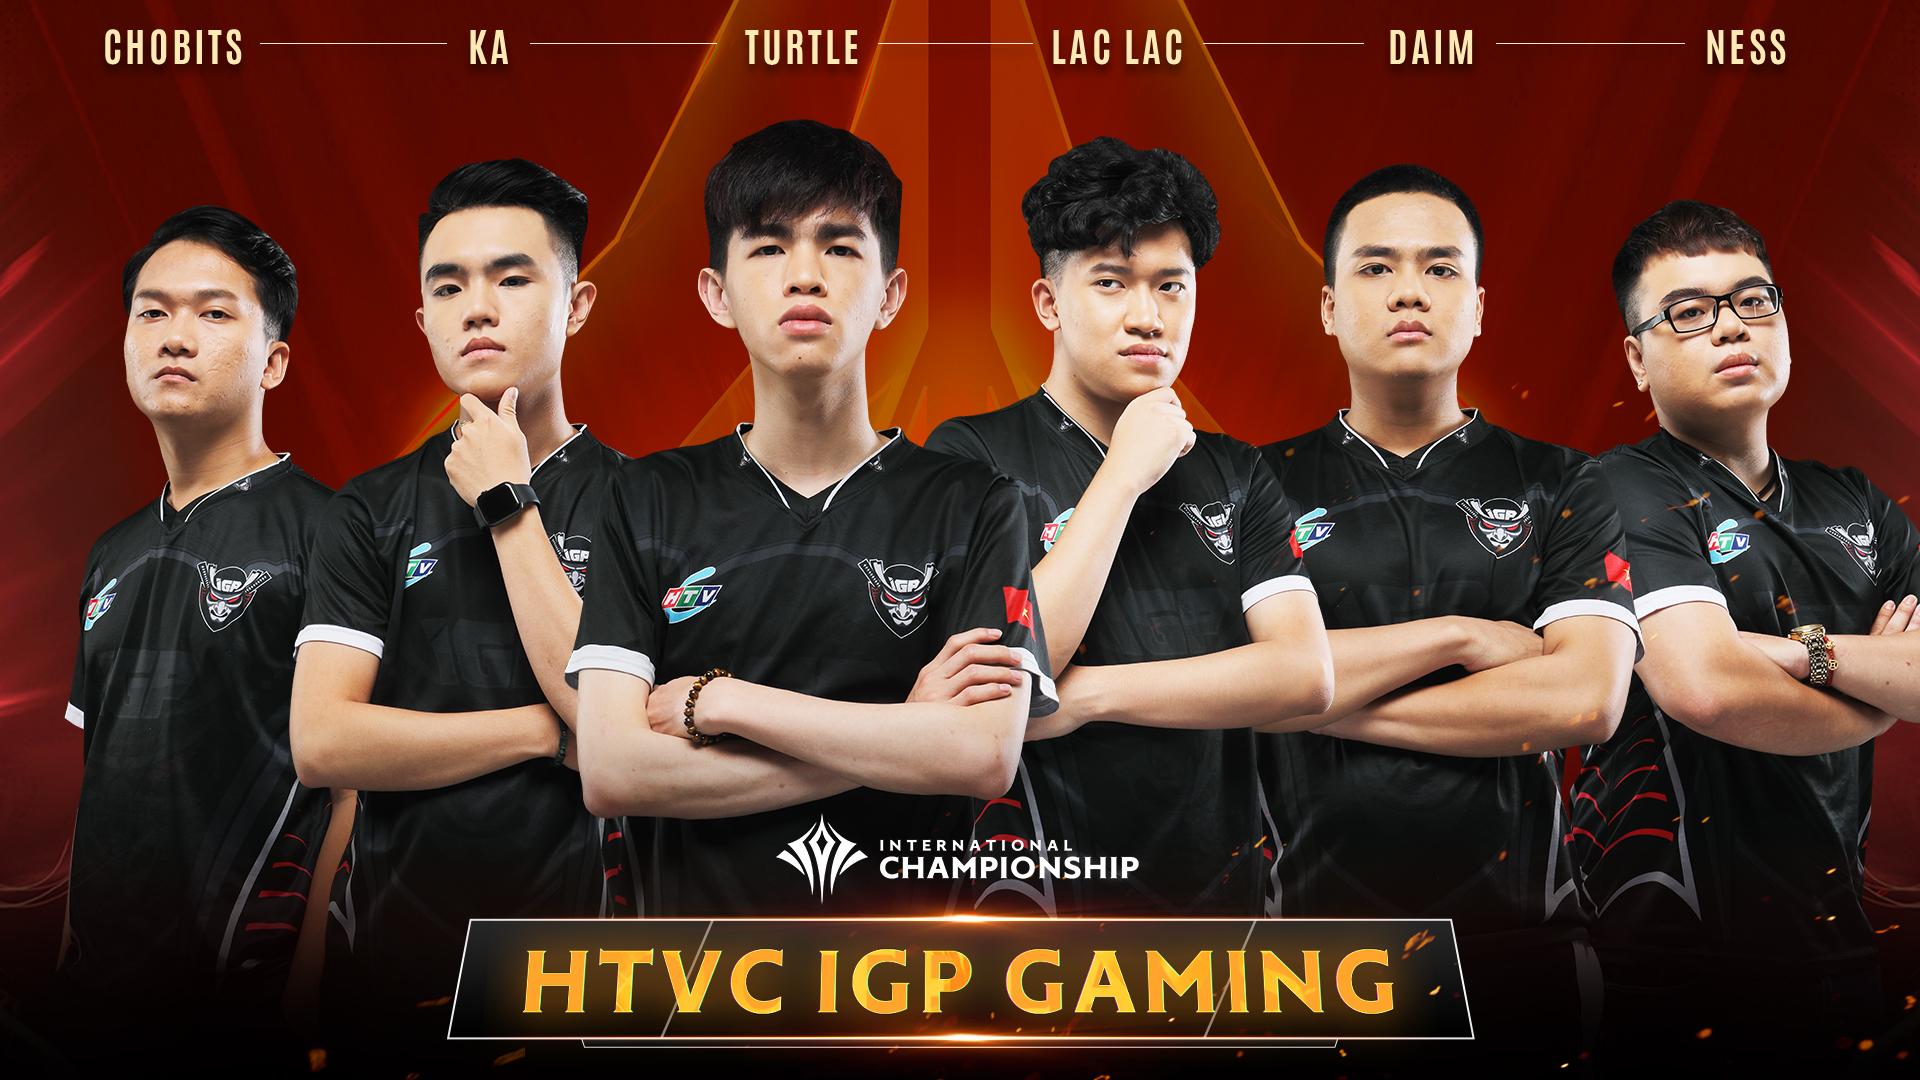 HTVC IGP Gaming vượt qua bảng tử thần một cách ngoạn mục với vị trí số 1